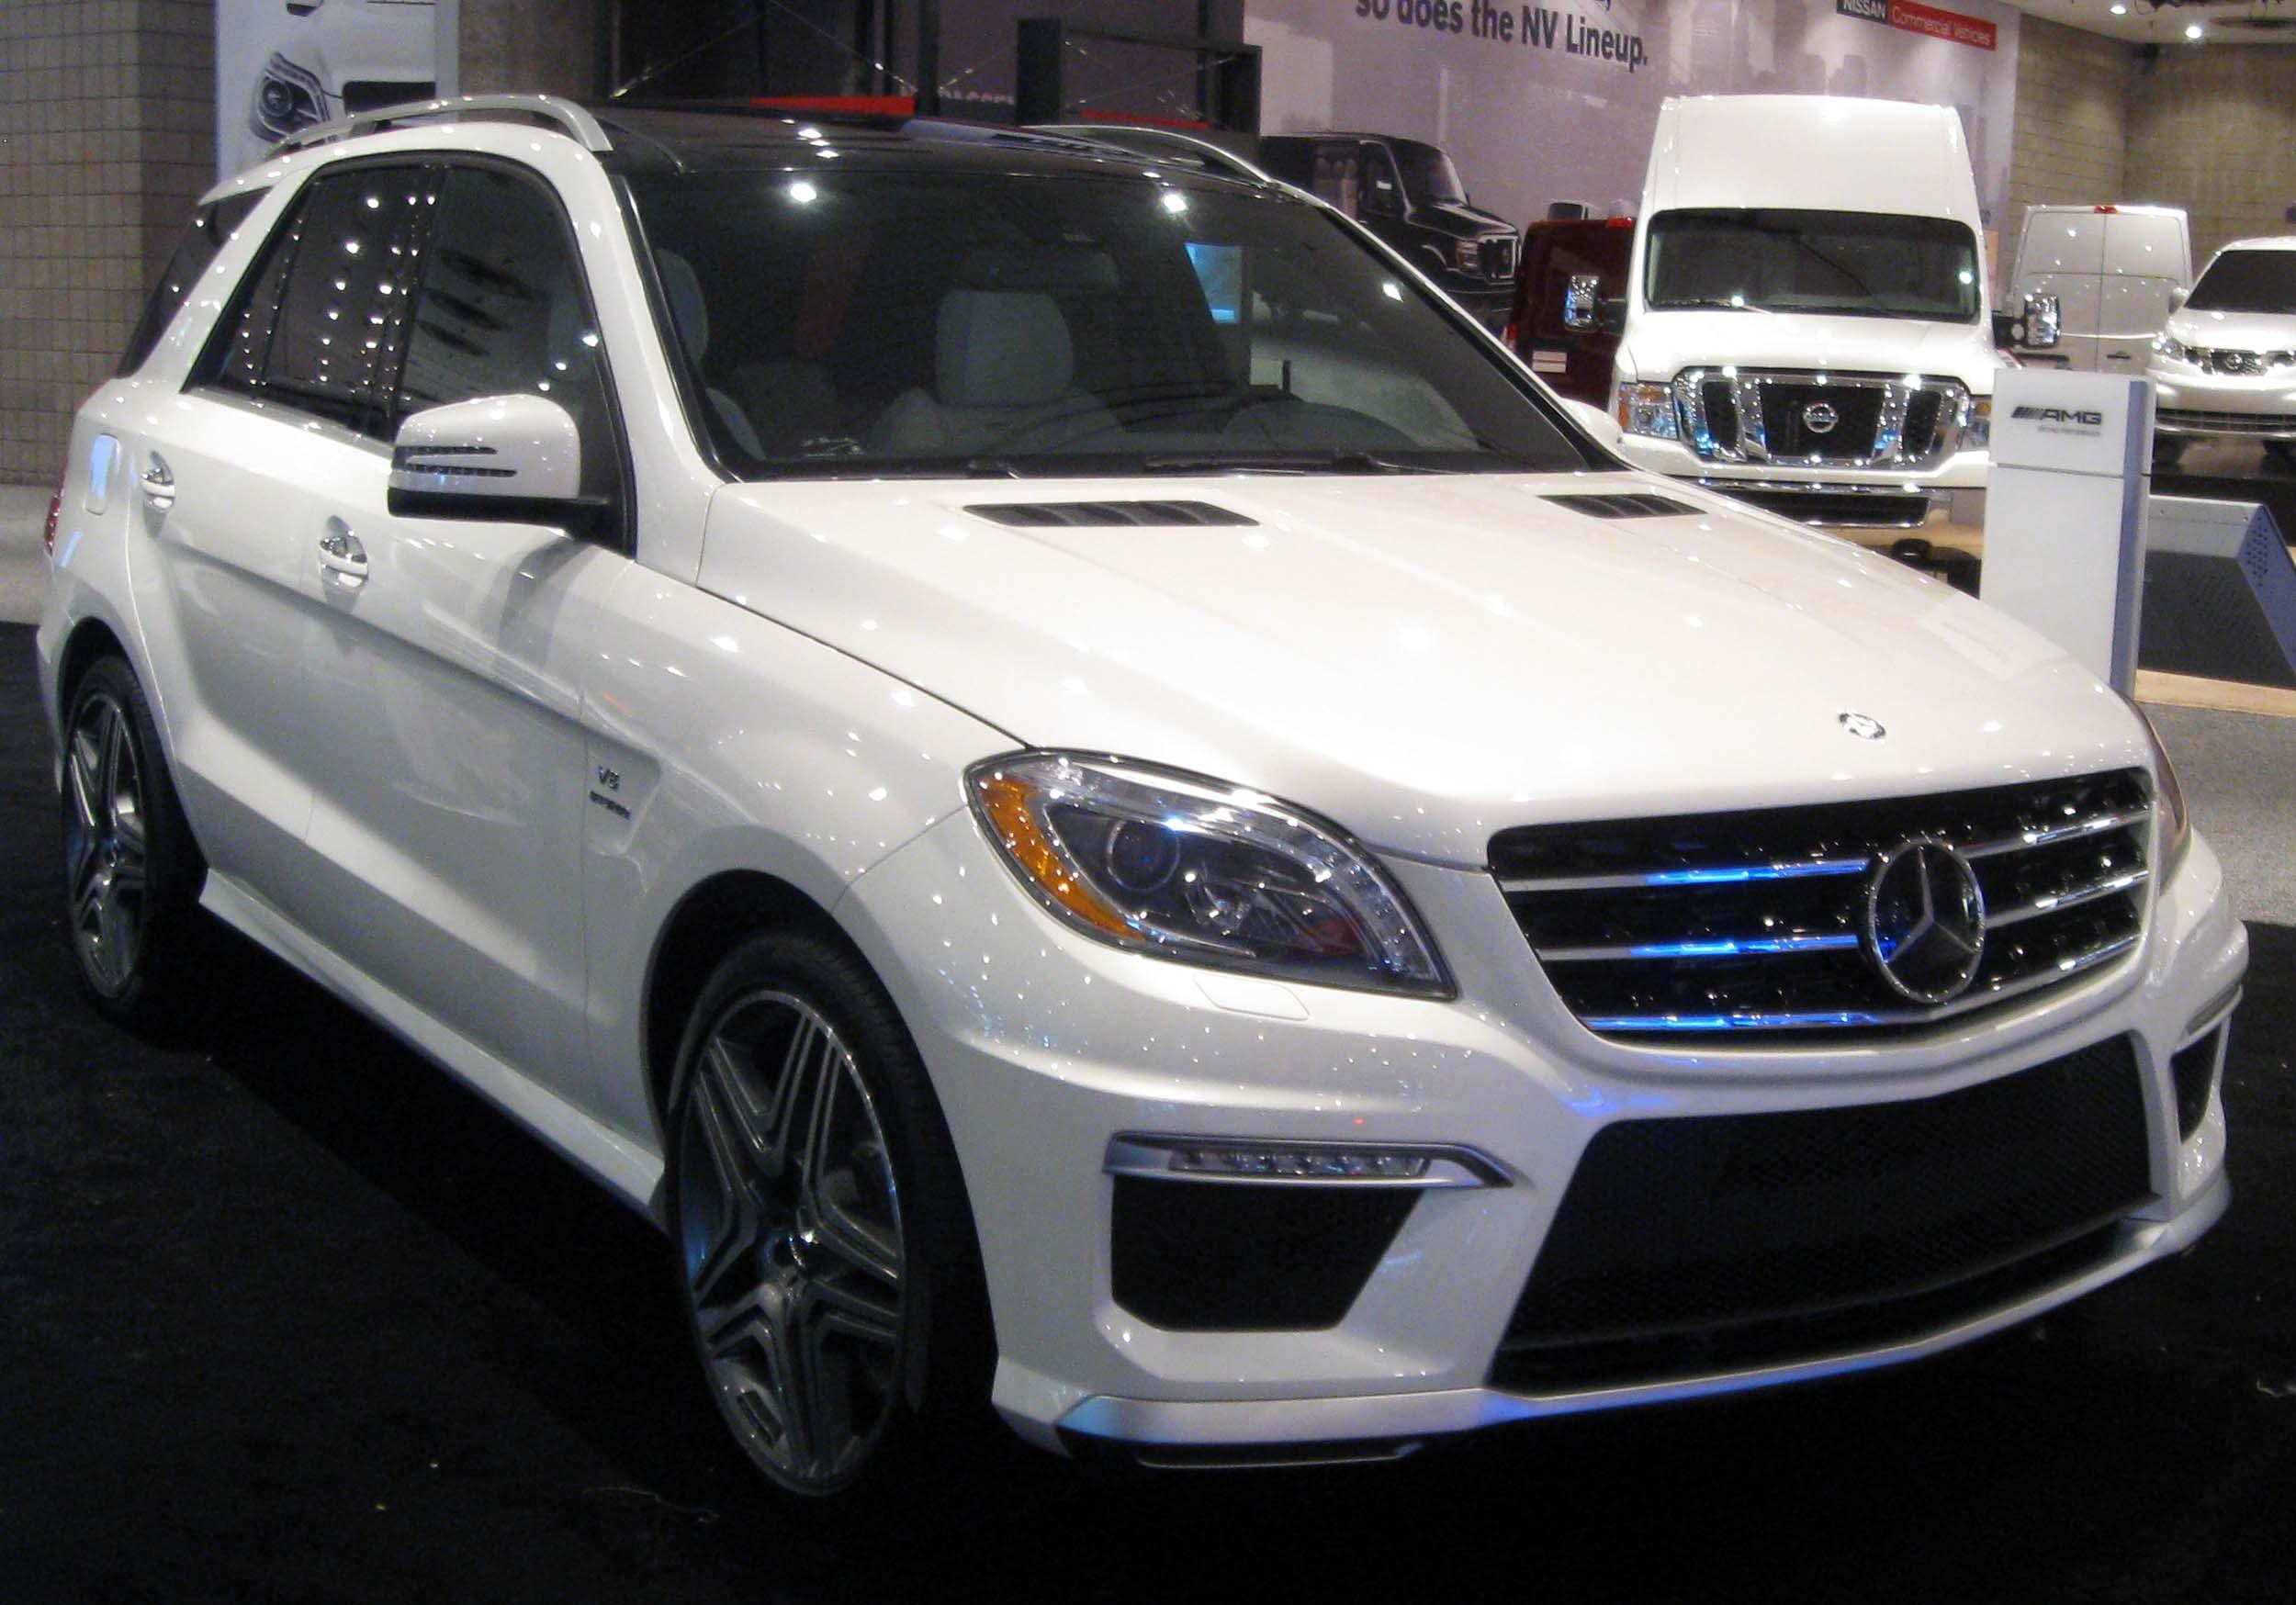 Smart Car For Sale Kent >> 2014 Ml 350 Designo For Sale | Autos Post